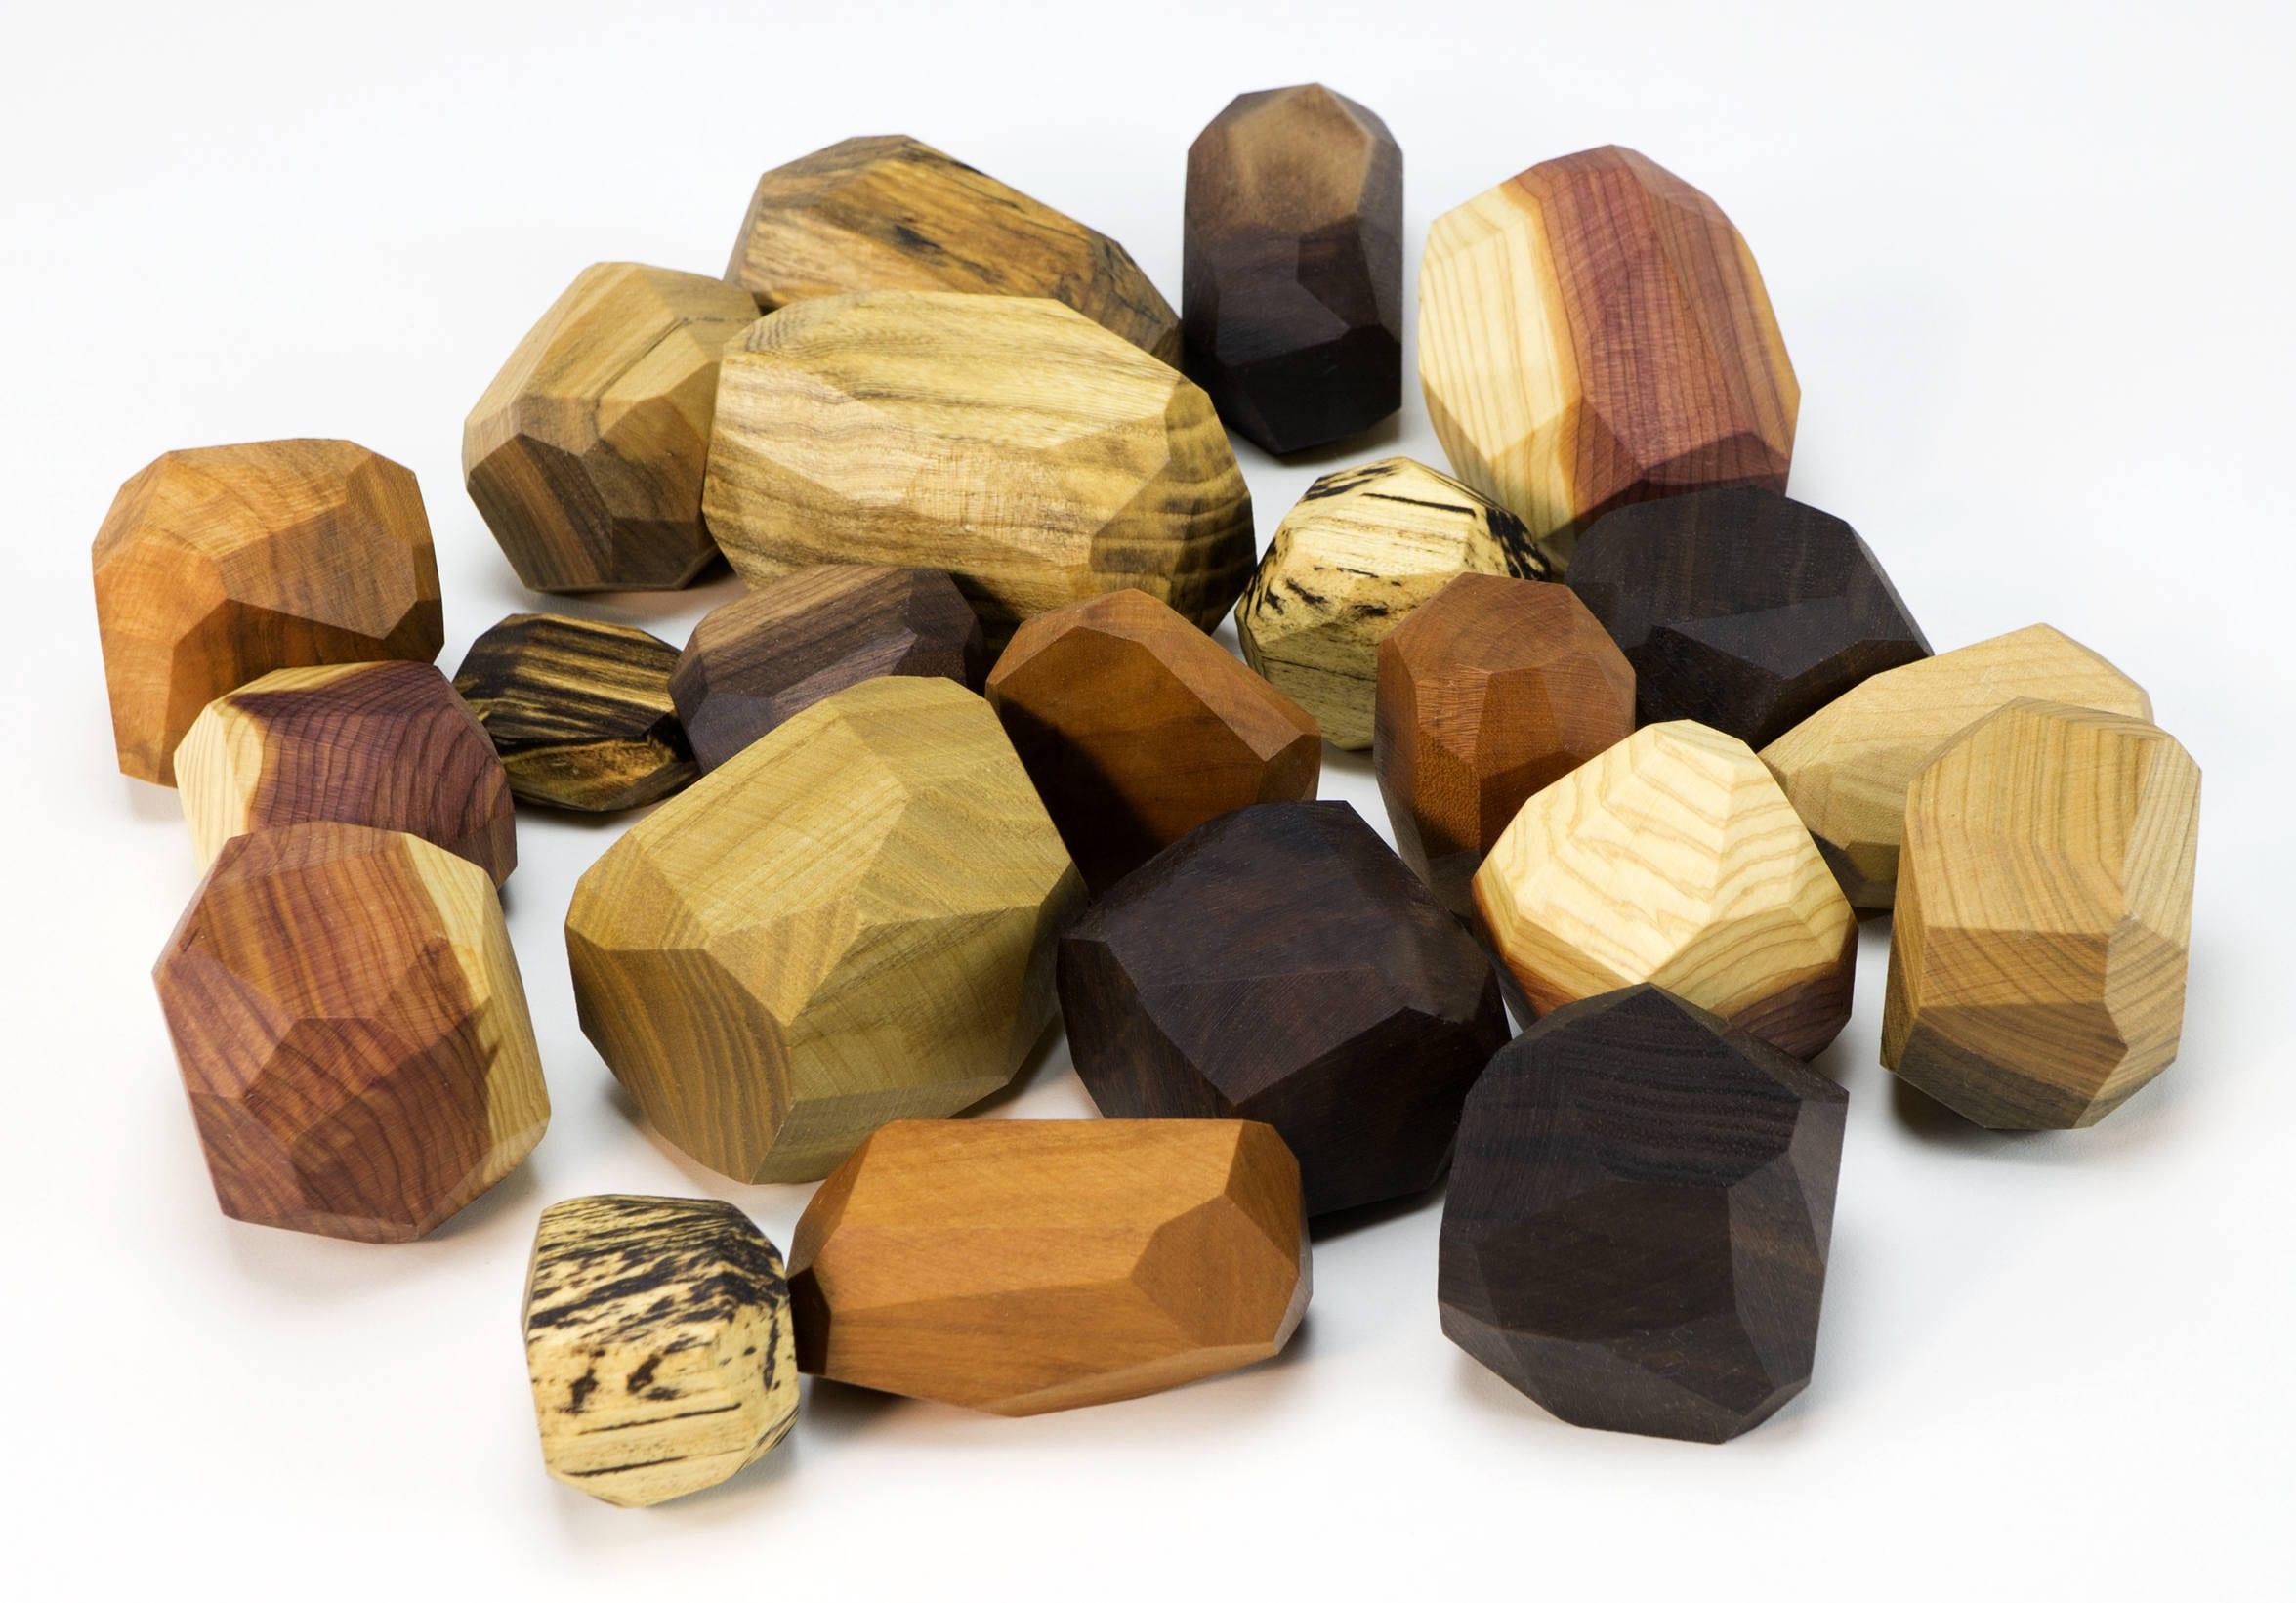 22 piece Tumi Ishi set wooden blocks Wood Stones Baby image 1